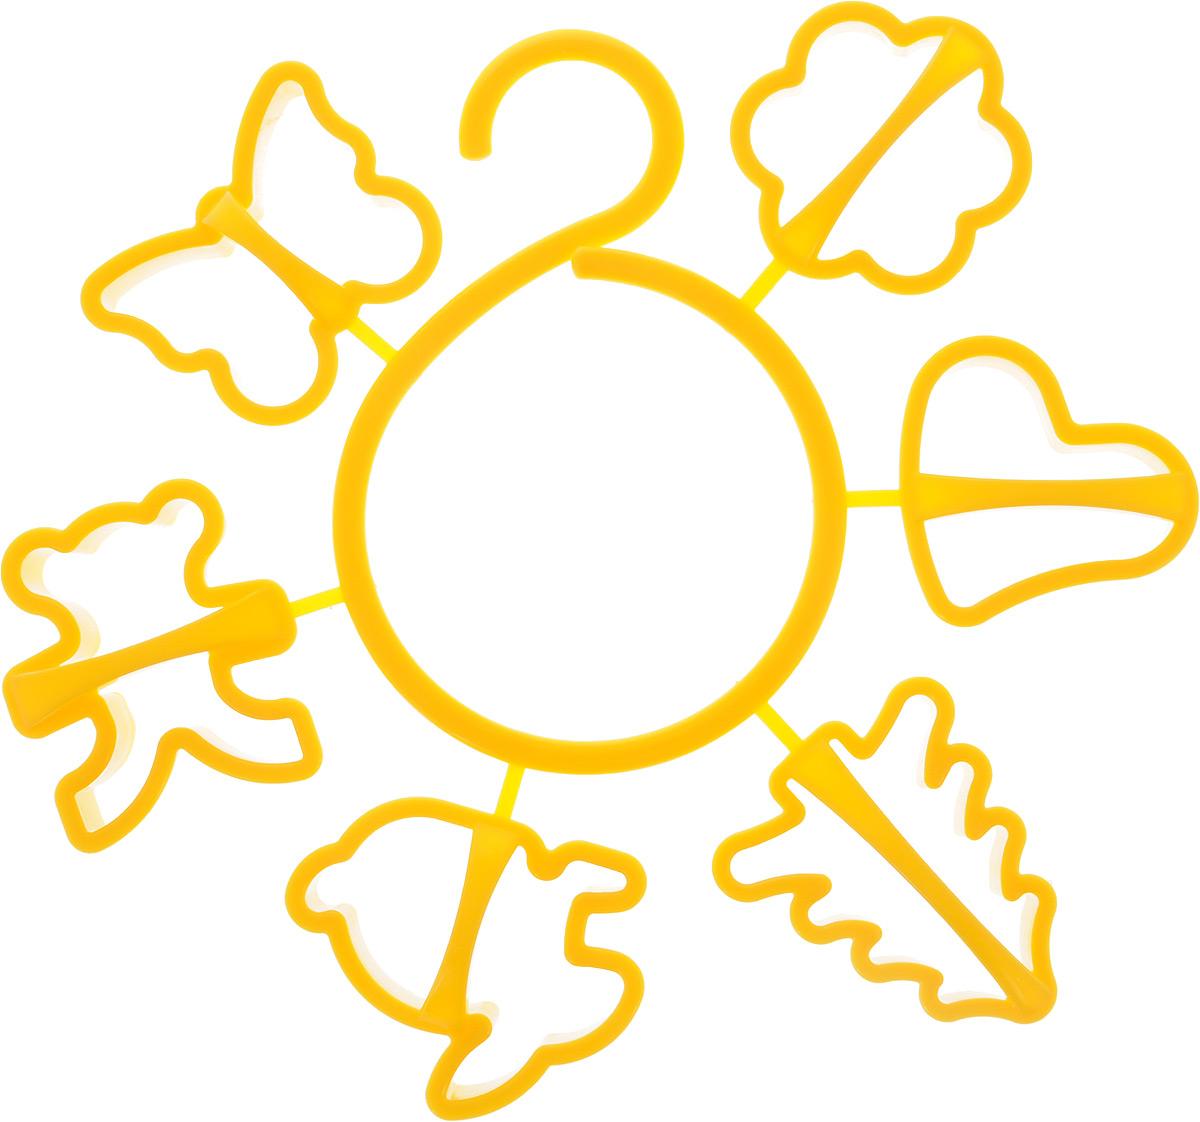 Набор форм для печенья Idea, цвет: желтый, 6 штМ 1202Набор Idea состоит из 6 форм, выполненных из полипропилена. Формы предназначены для приготовления печенья оригинальных форм. Набор позволит приготовить выпечку по вашему любимому рецепту, но в оригинальном праздничном оформлении, которое придется по душе всей семье. В комплекте входит специальный круговой крючок на который можно надеть формочки и повесить на кухне. Средний размер форм: 6,5 х 6 х 2,5 см.